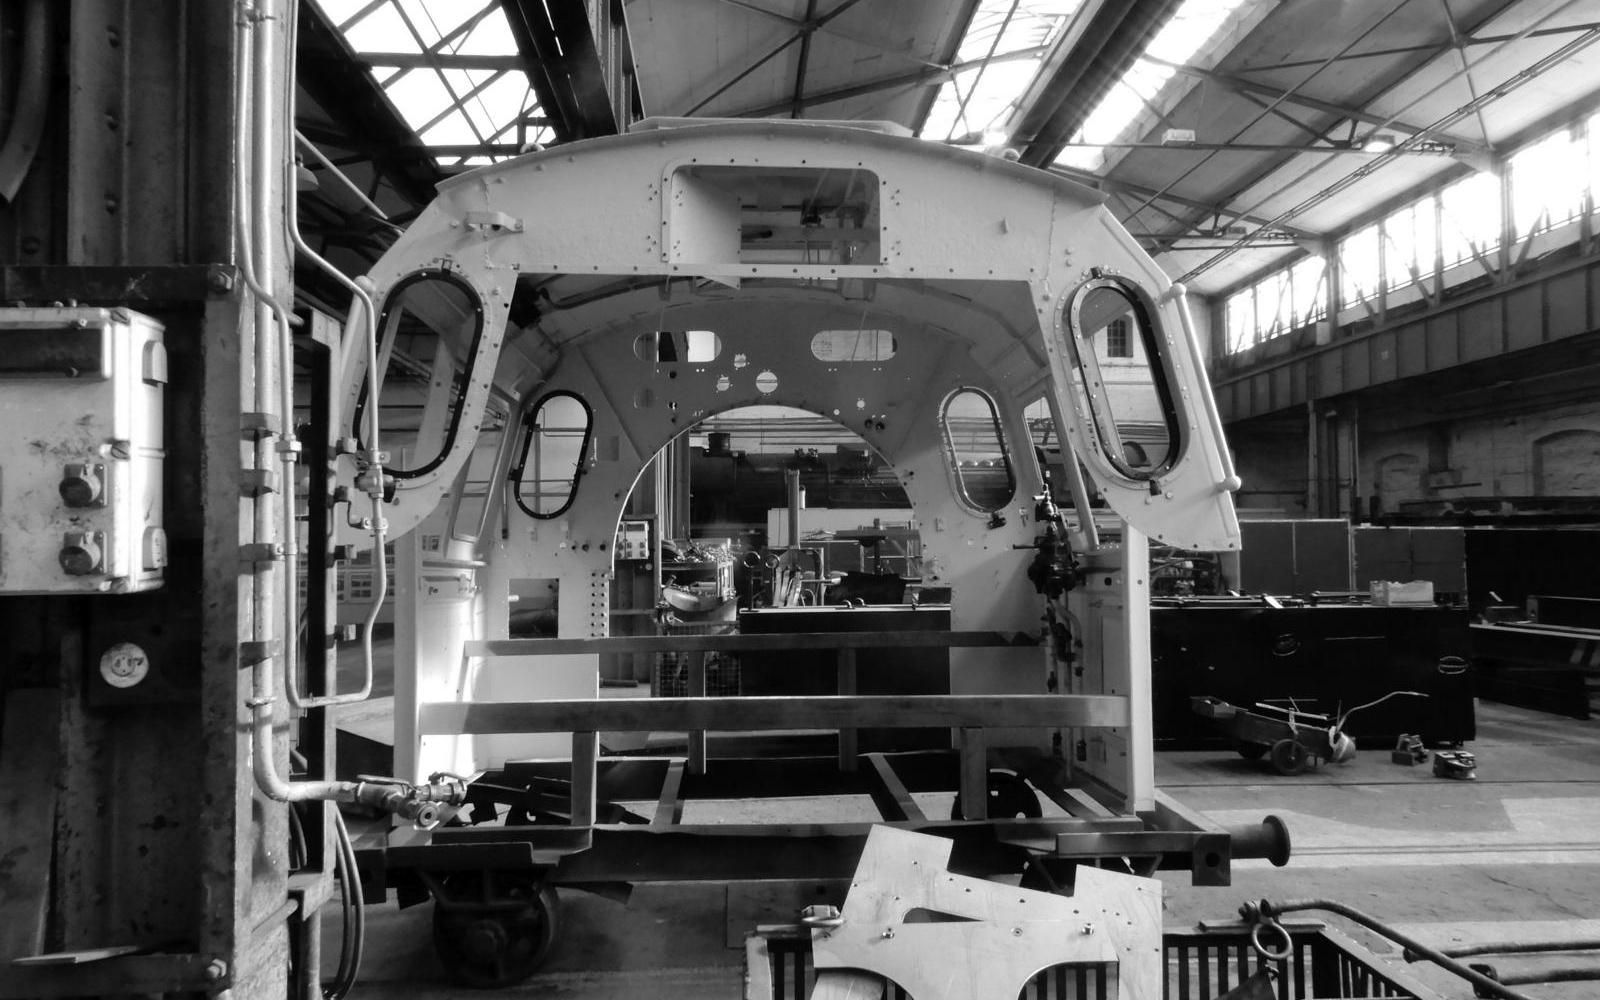 Foto: Christian Wodzinski - Führerhaus einer Regelspur-Dampflokomotive